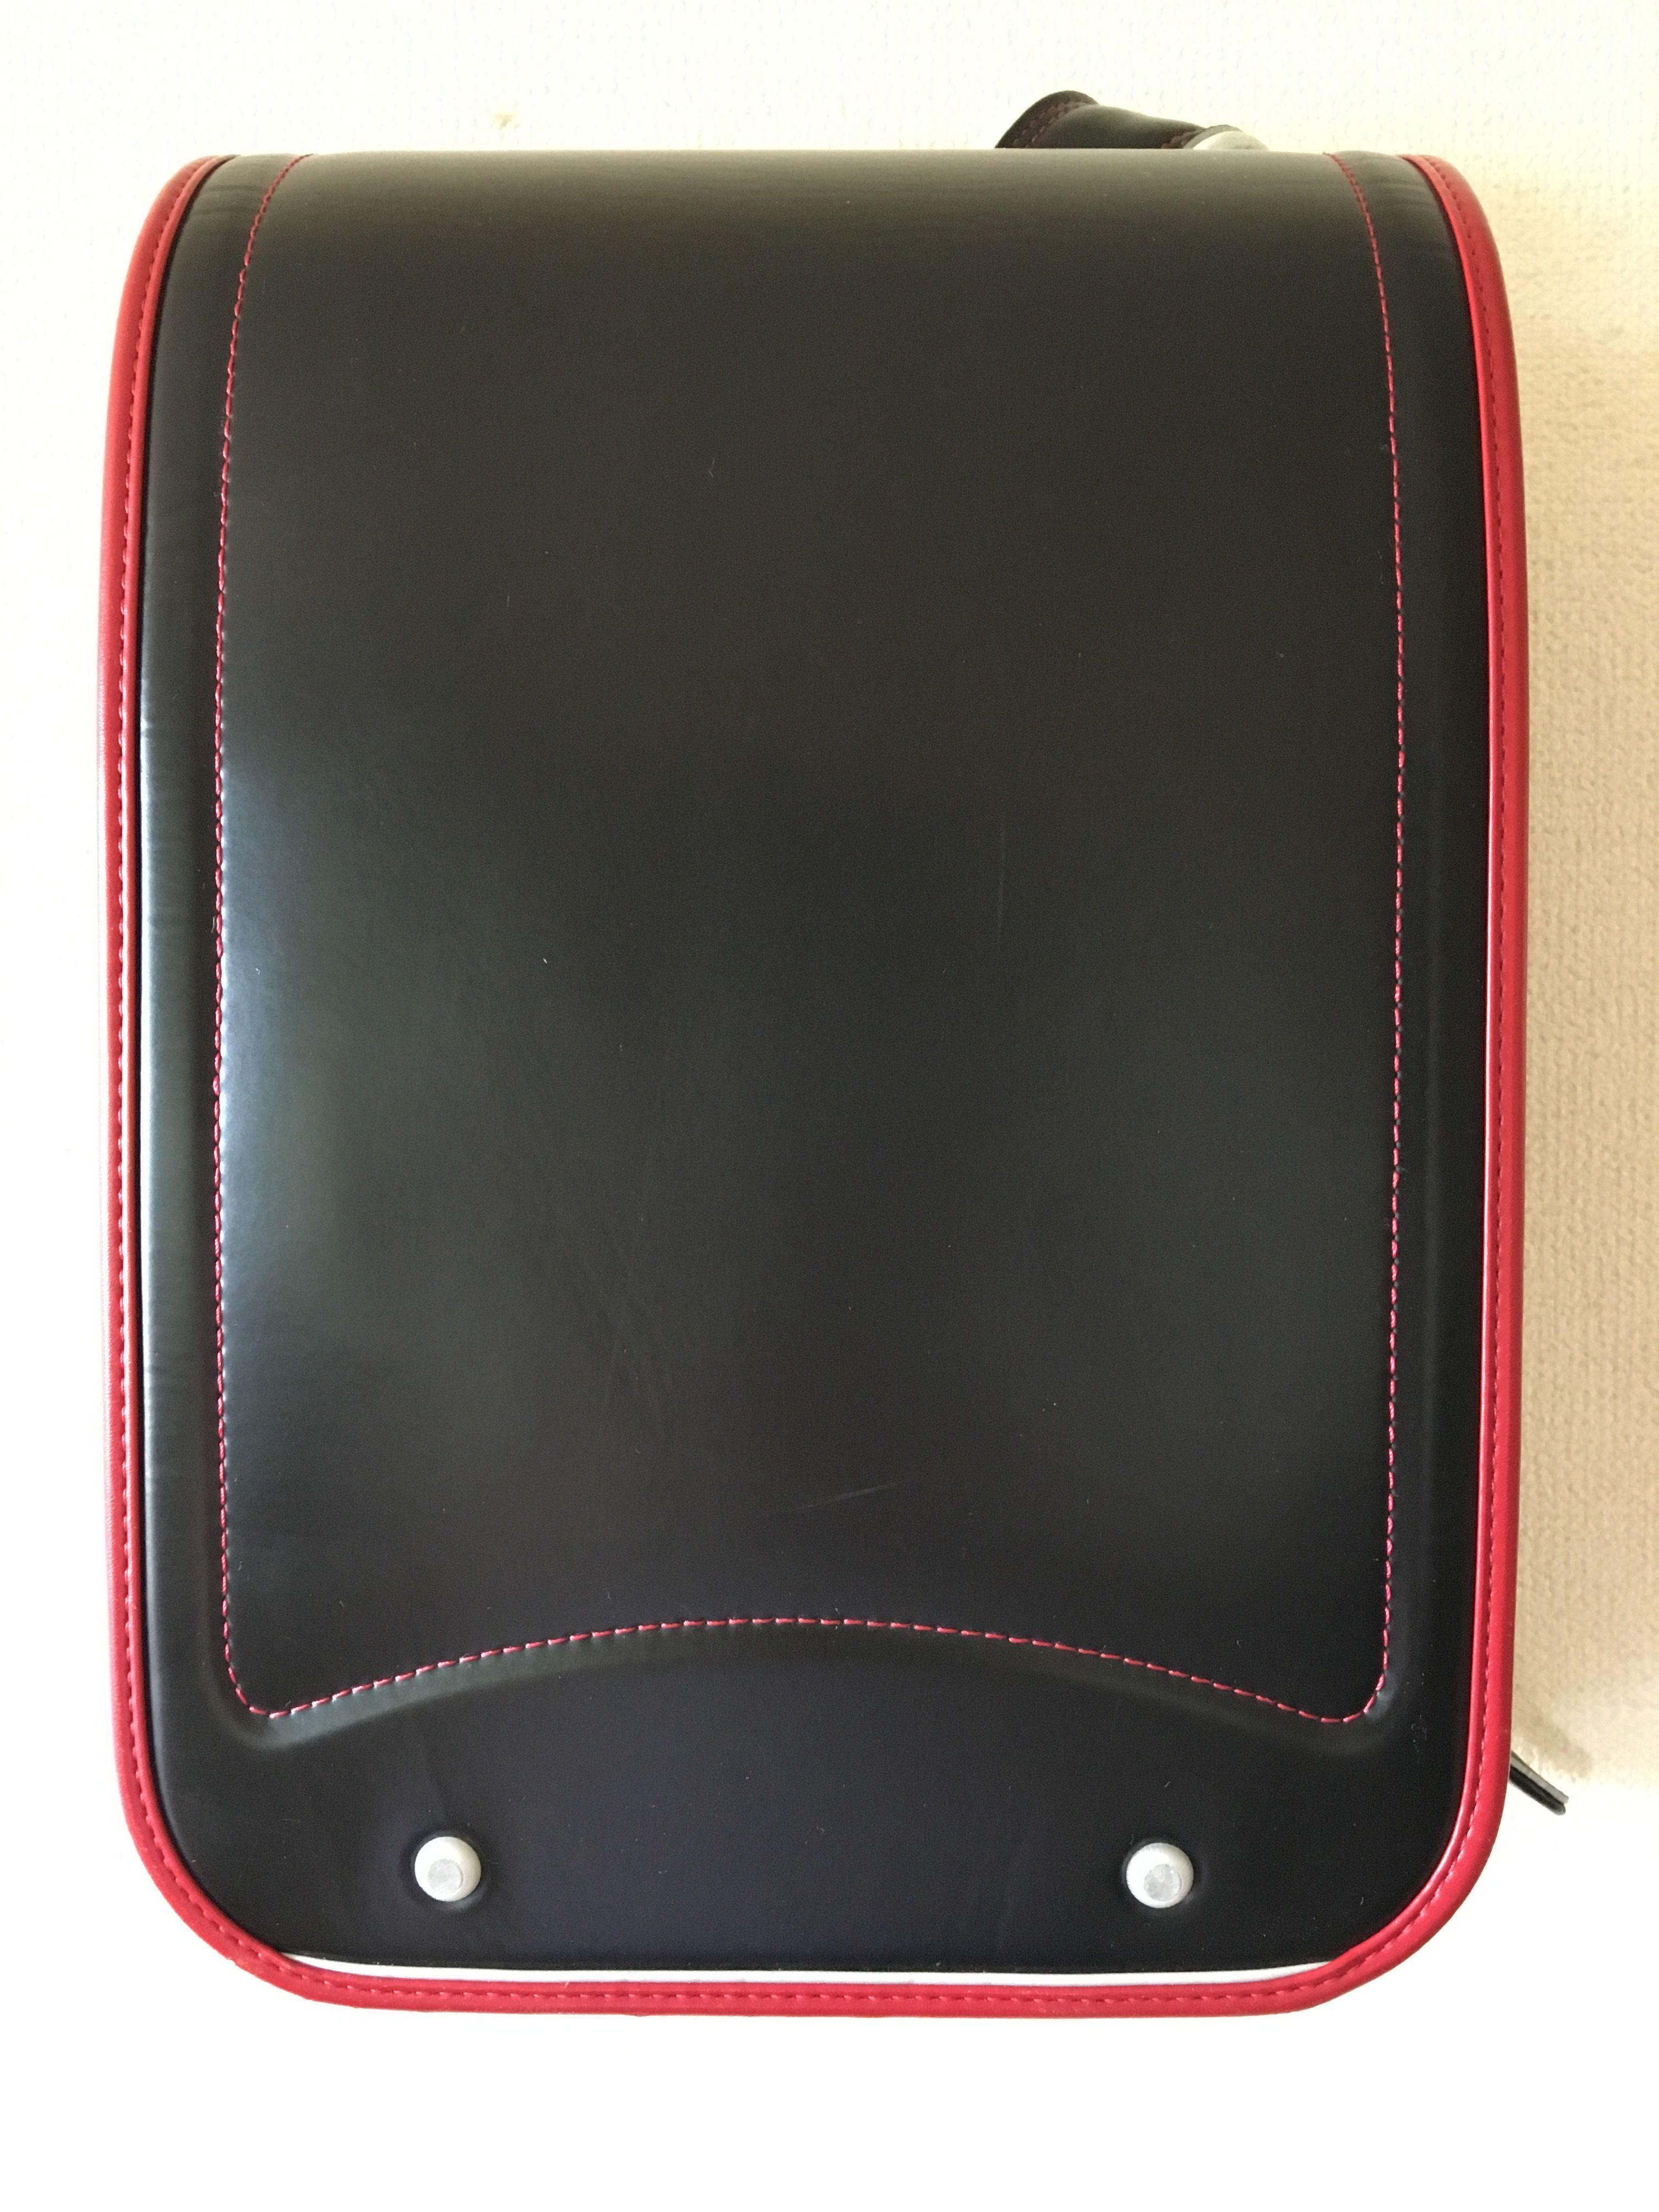 ランドセル olivier enfants 日本製  黒×赤ライン 綺麗なワンオーナー中古 オートロック式